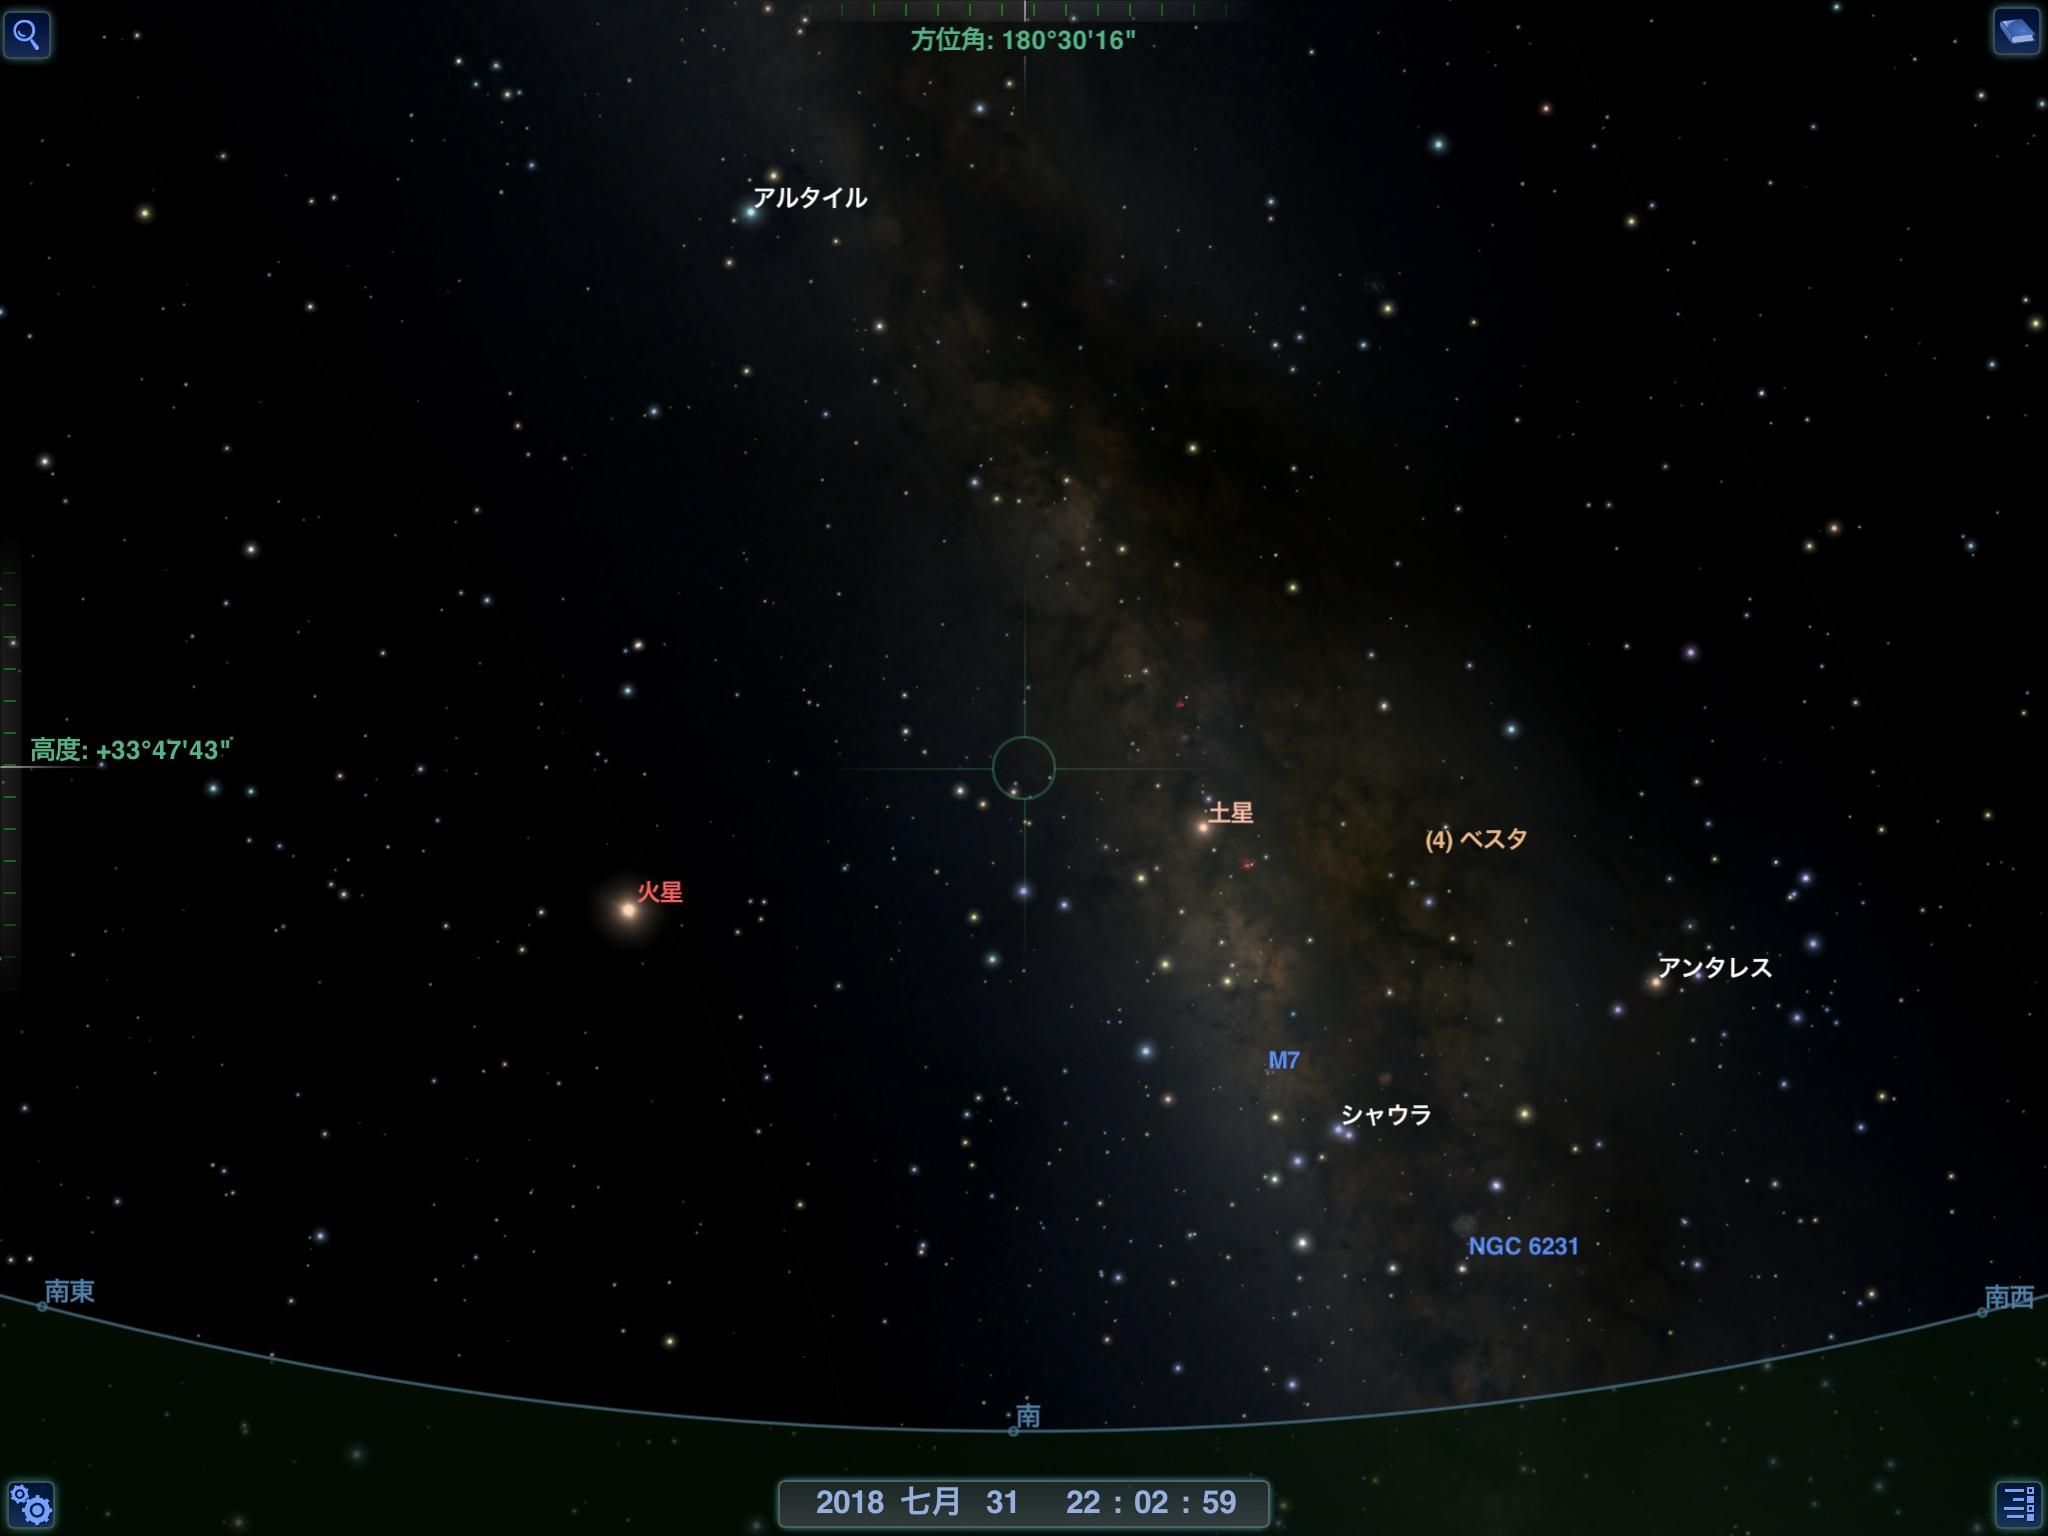 【RX10M4】大接近中の火星を撮影してみました